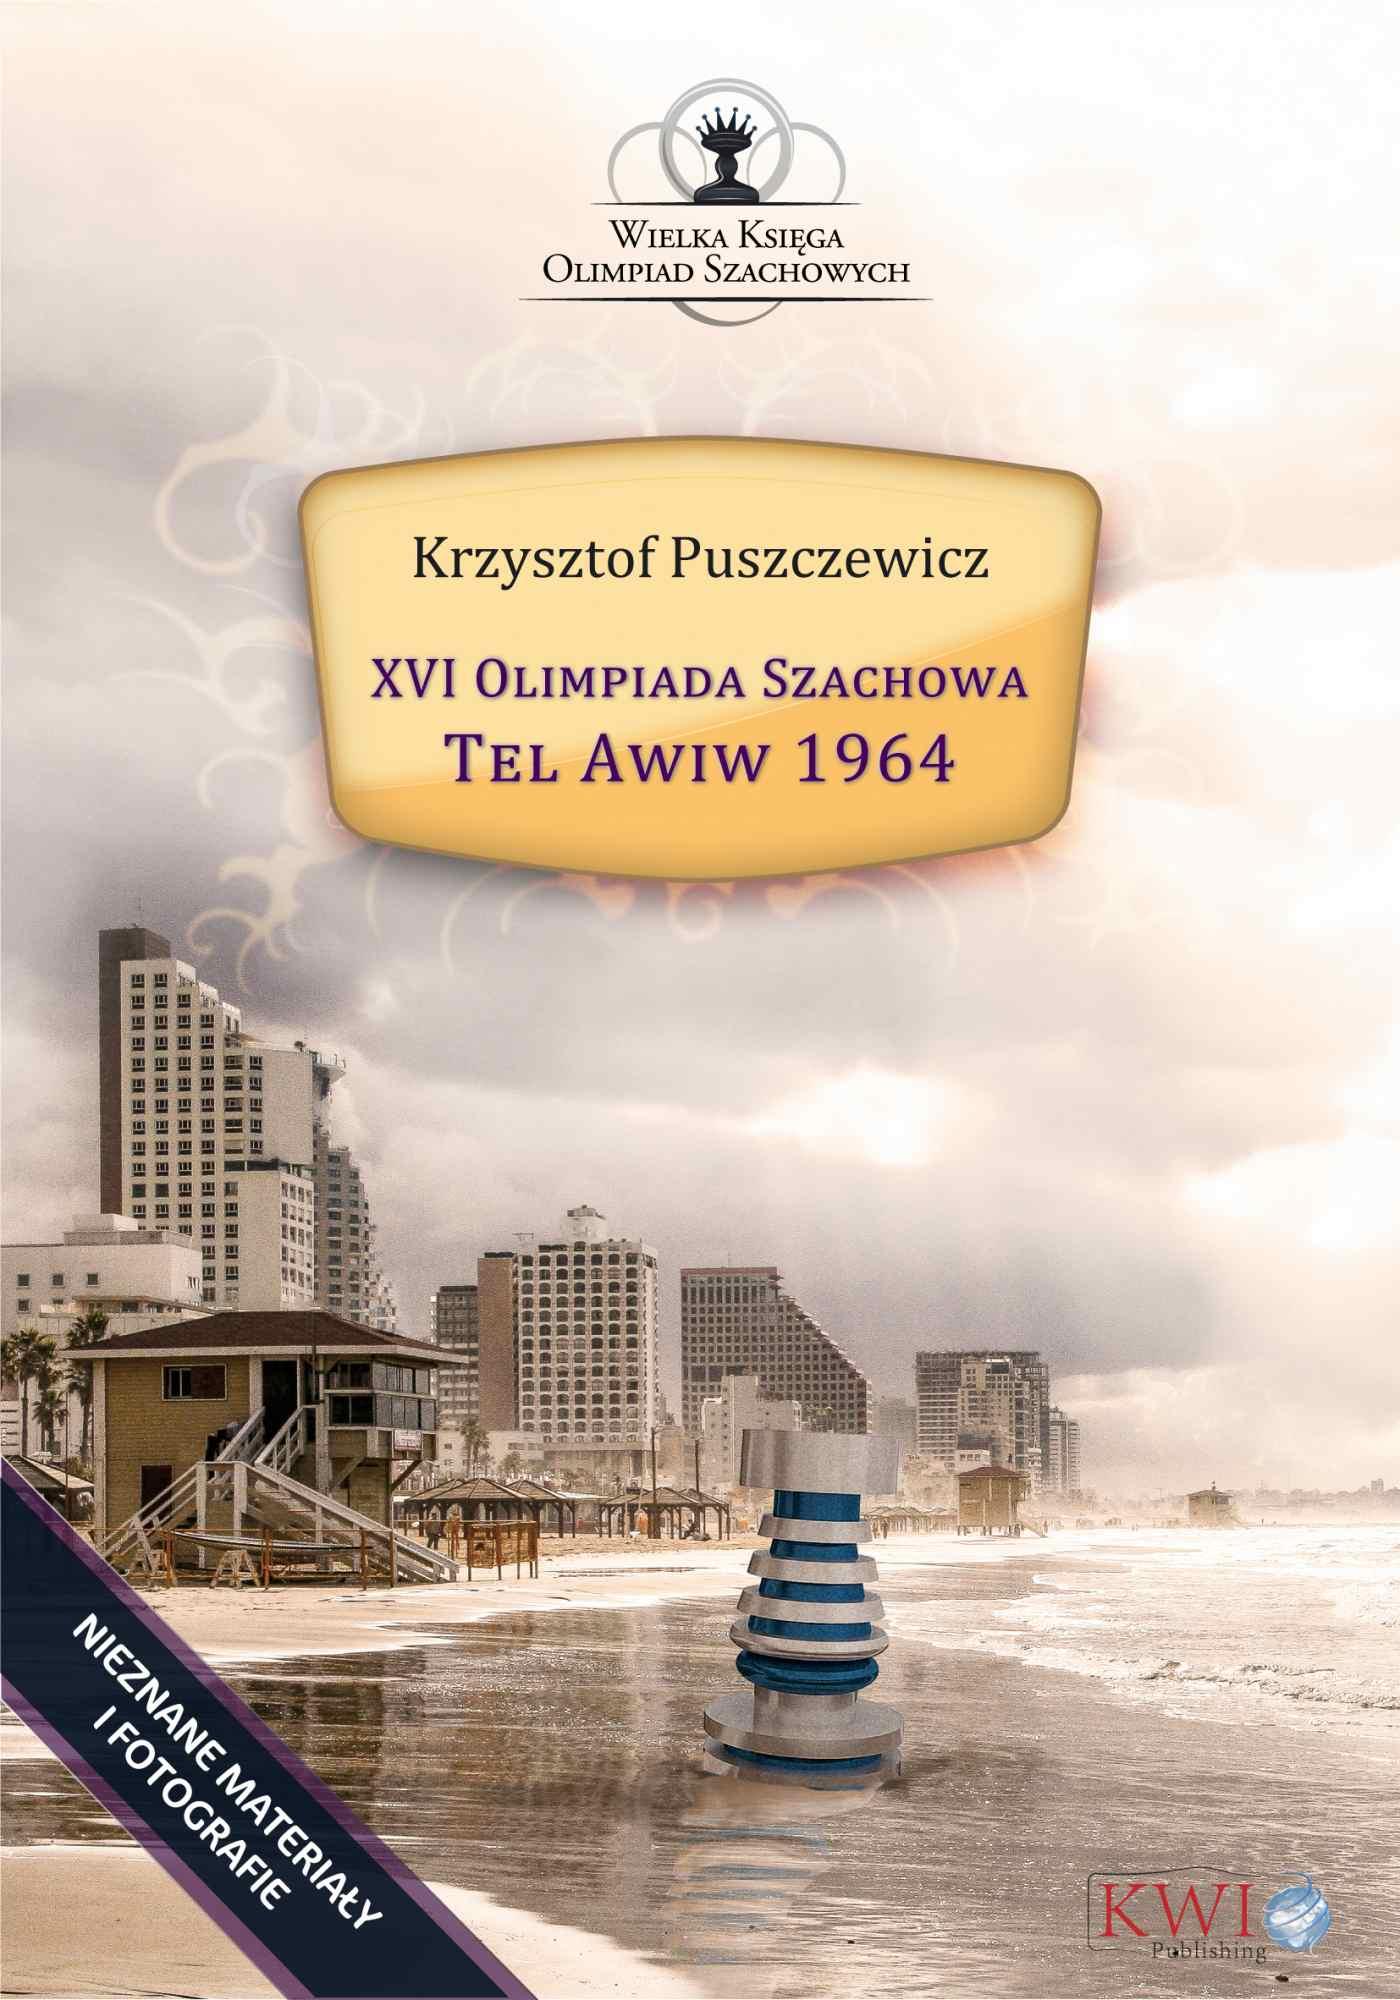 XVI Olimpiada Szachowa - Tel Awiw 1964 - Ebook (Książka EPUB) do pobrania w formacie EPUB